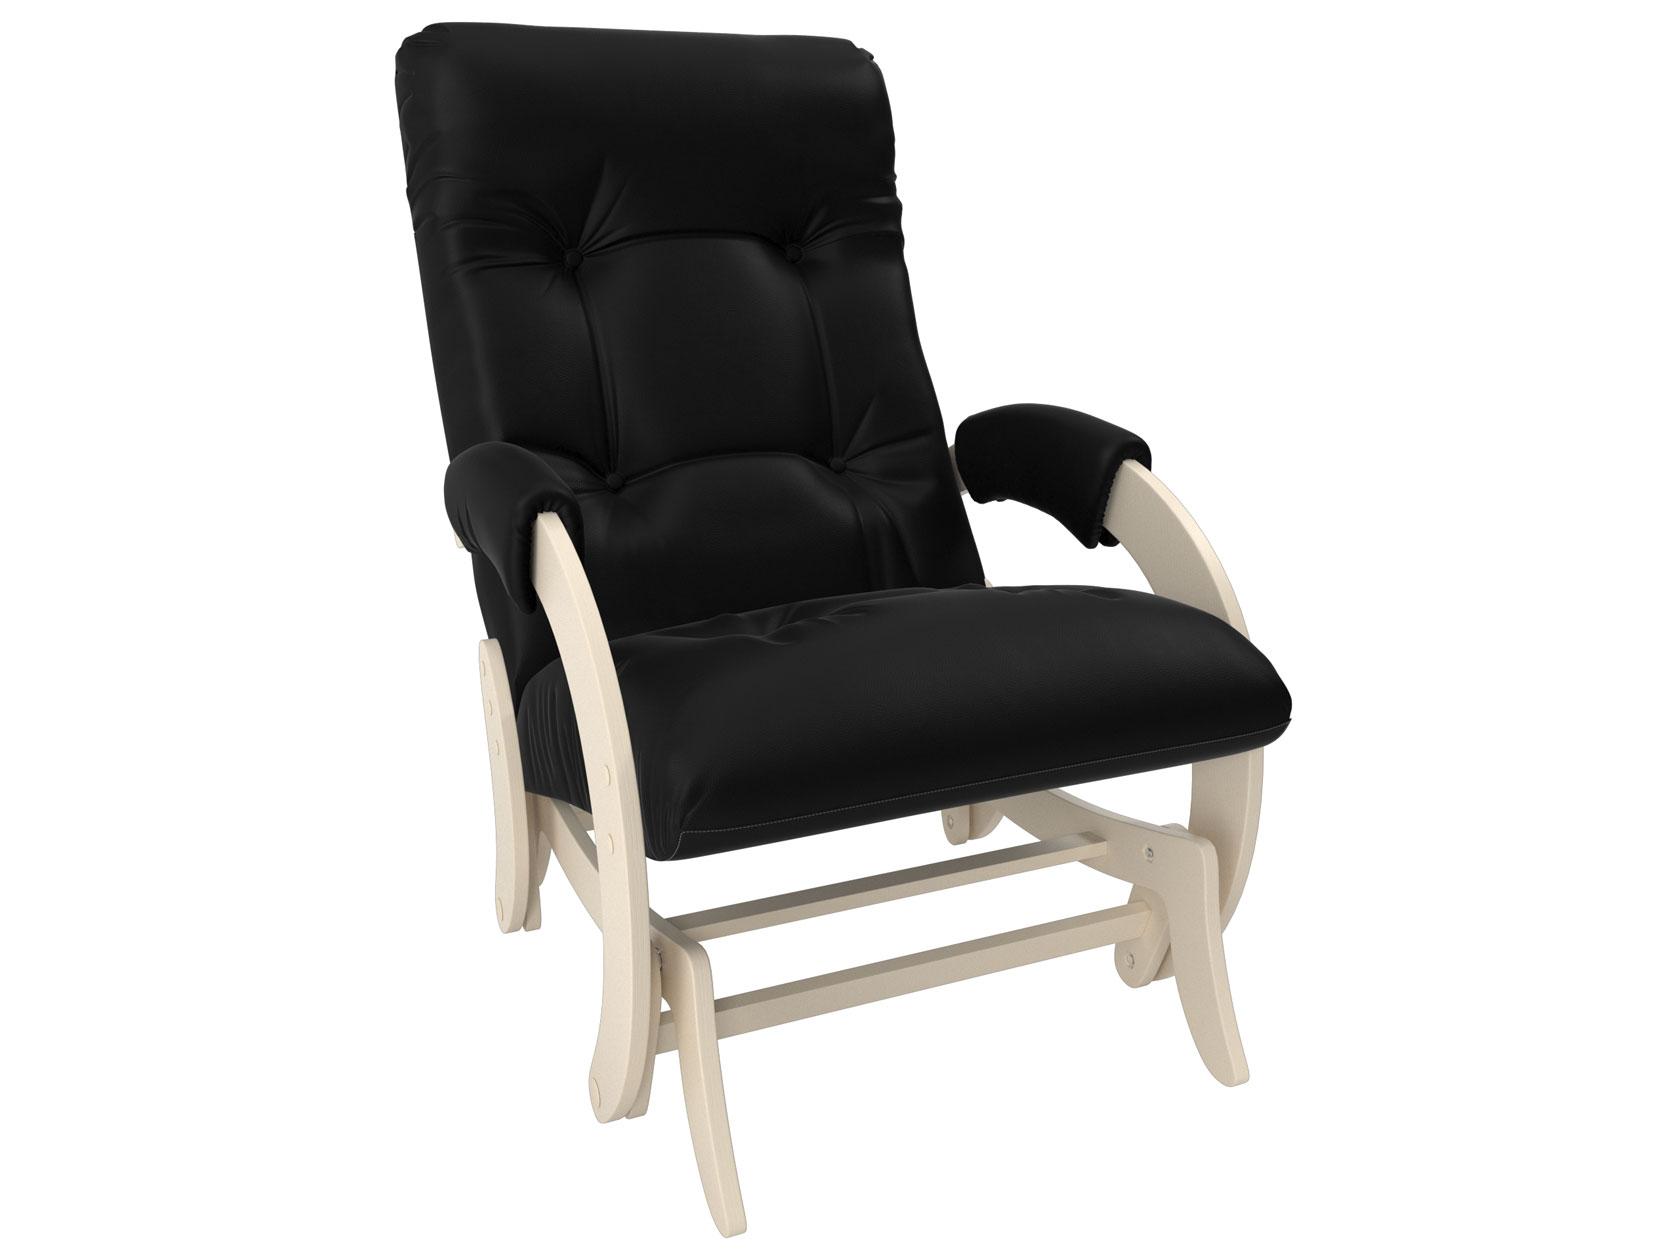 Кресло-глайдер 179-100286